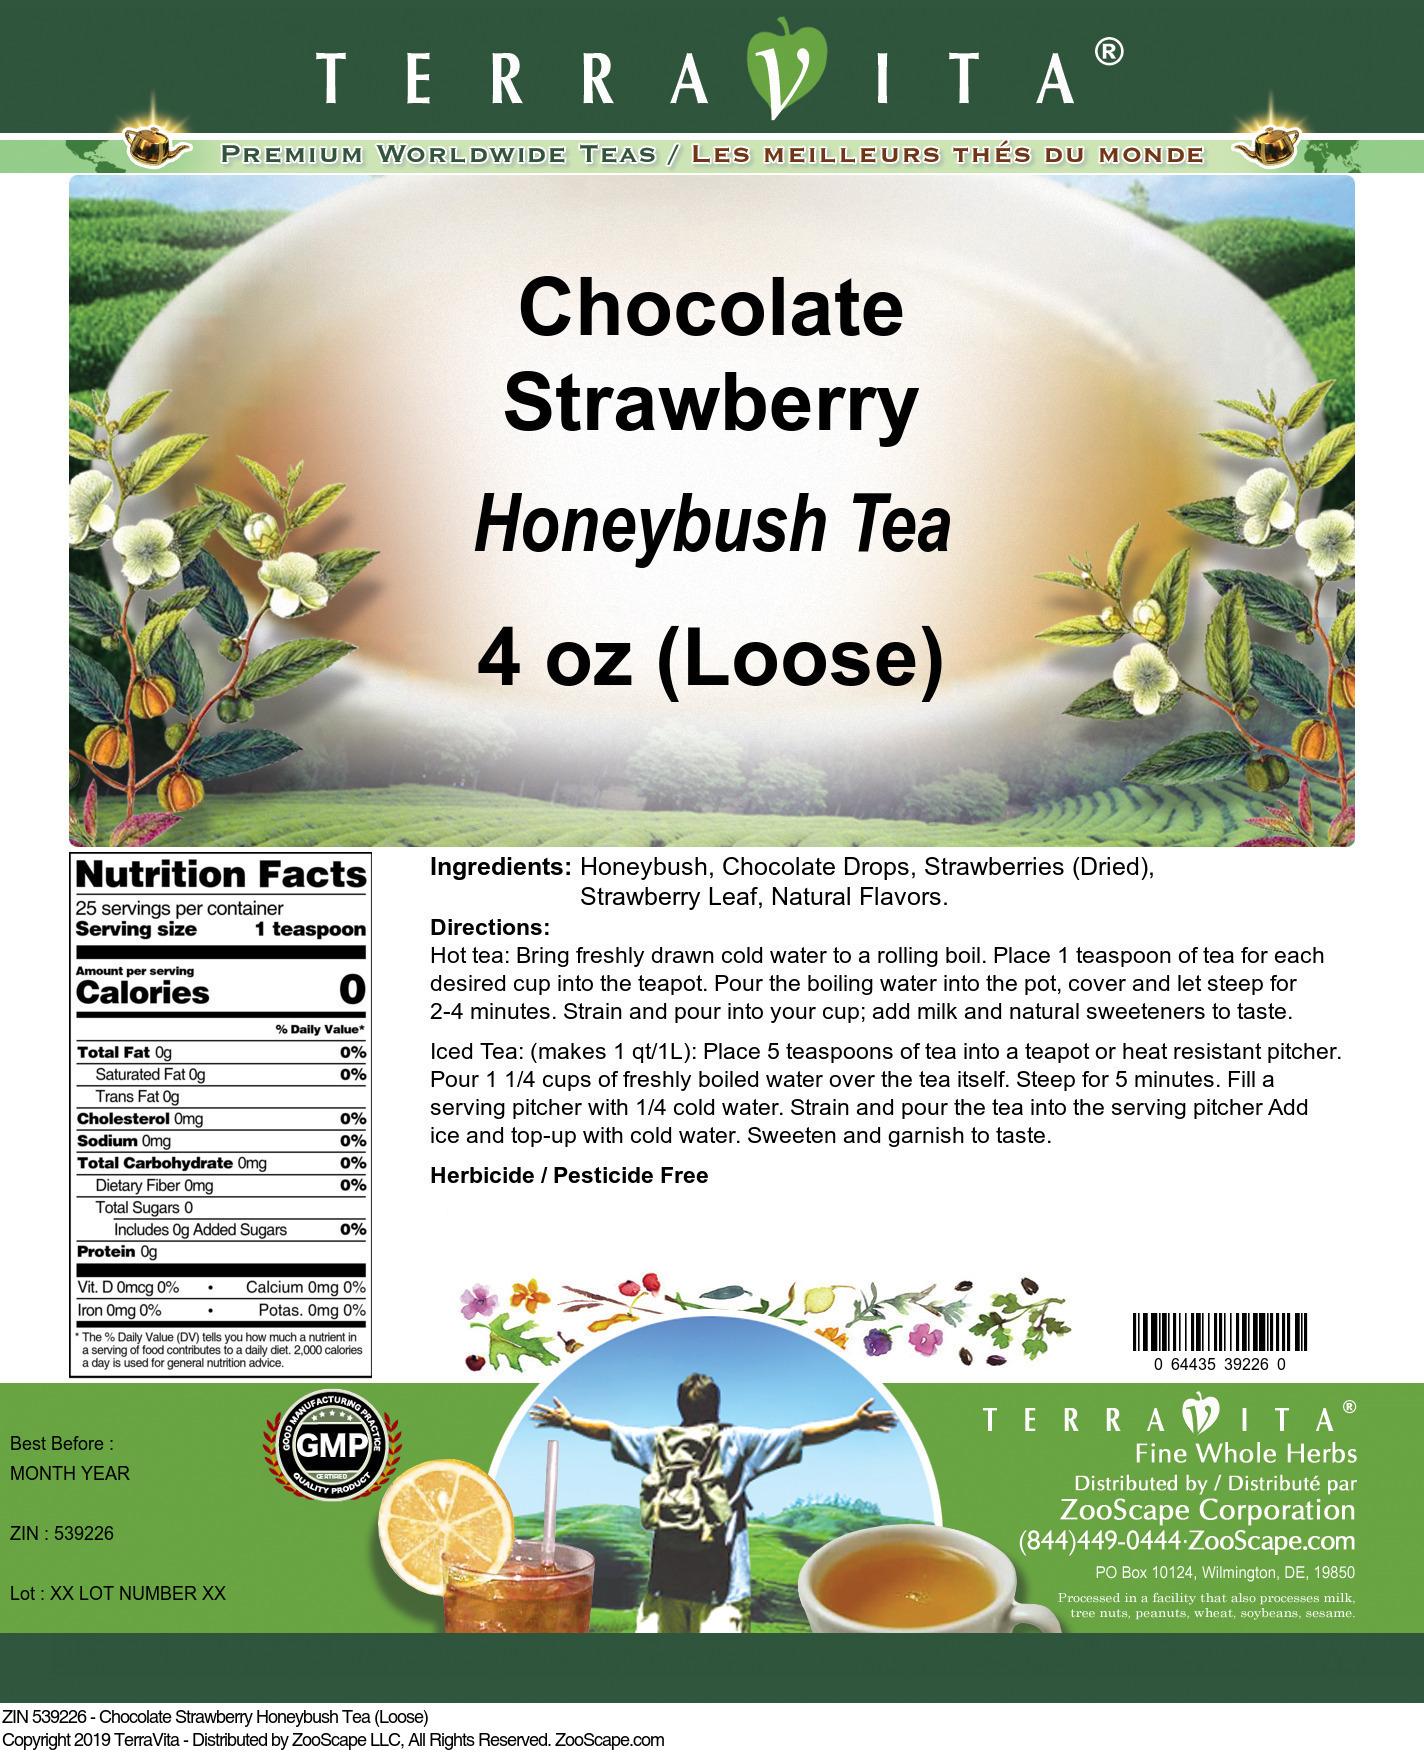 Chocolate Strawberry Honeybush Tea